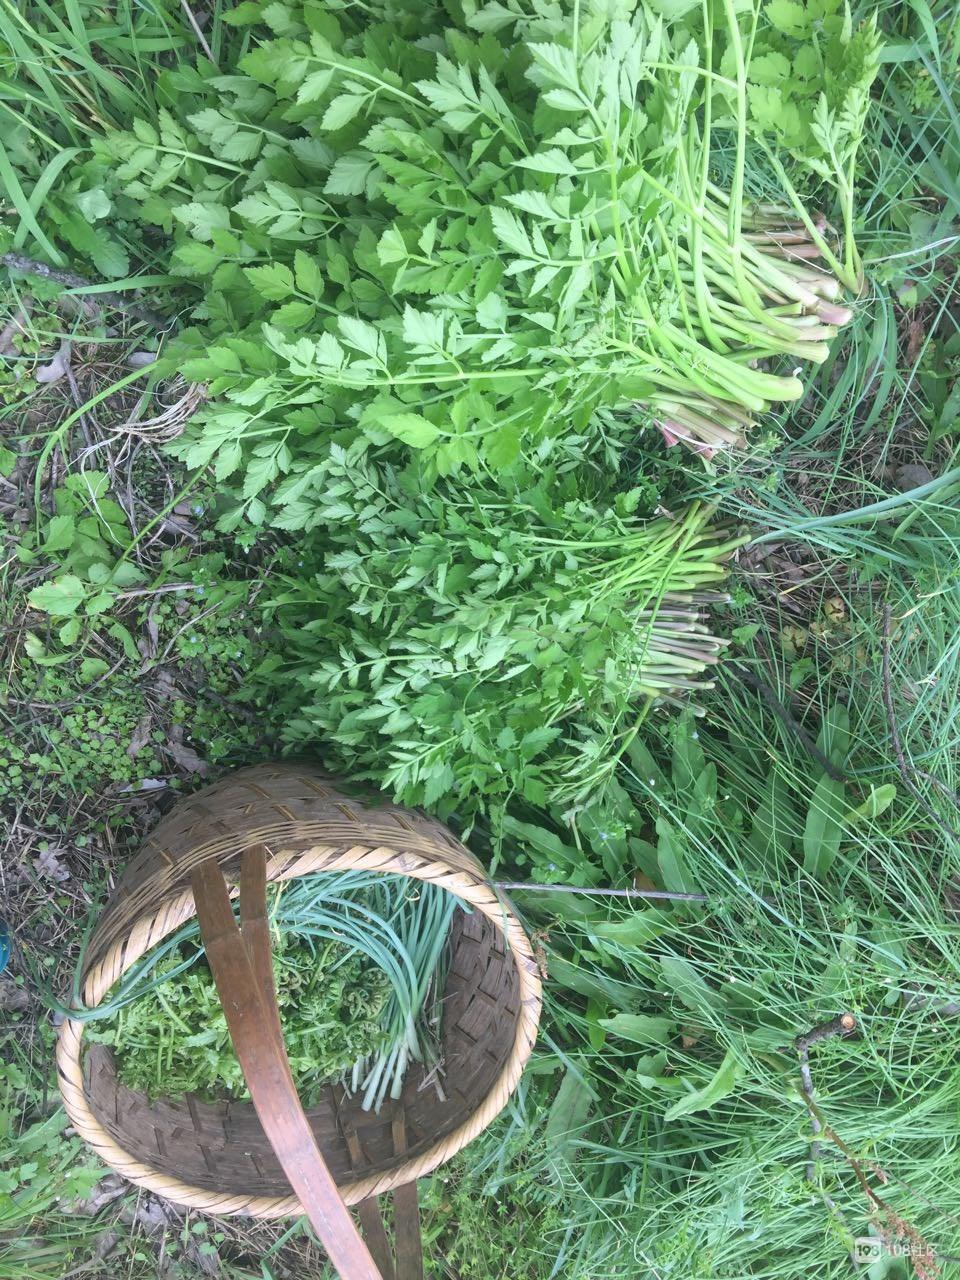 瓷都女子一小时就菜满满一篮子野菜!种类很丰富!